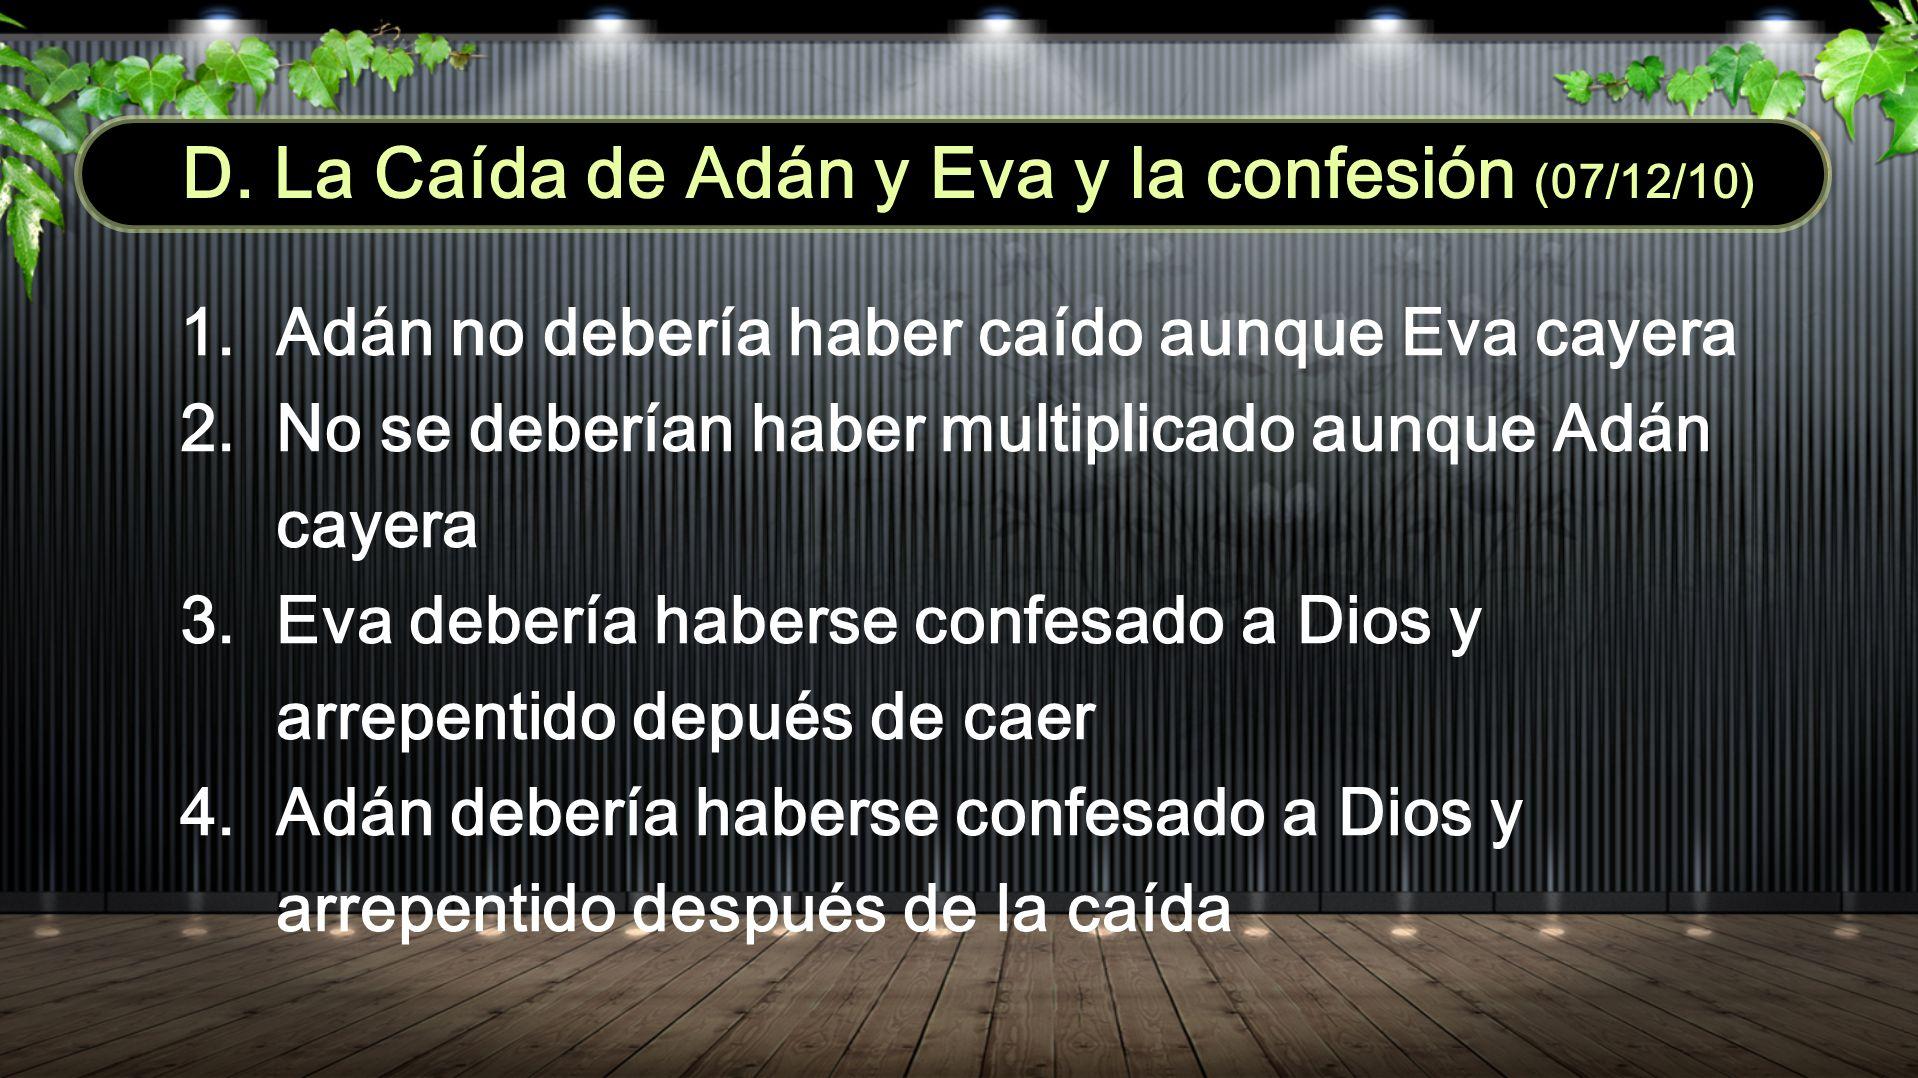 D. La Caída de Adán y Eva y la confesión (07/12/10) 1. Adán no debería haber caído aunque Eva cayera 2. No se deberían haber multiplicado aunque Adán